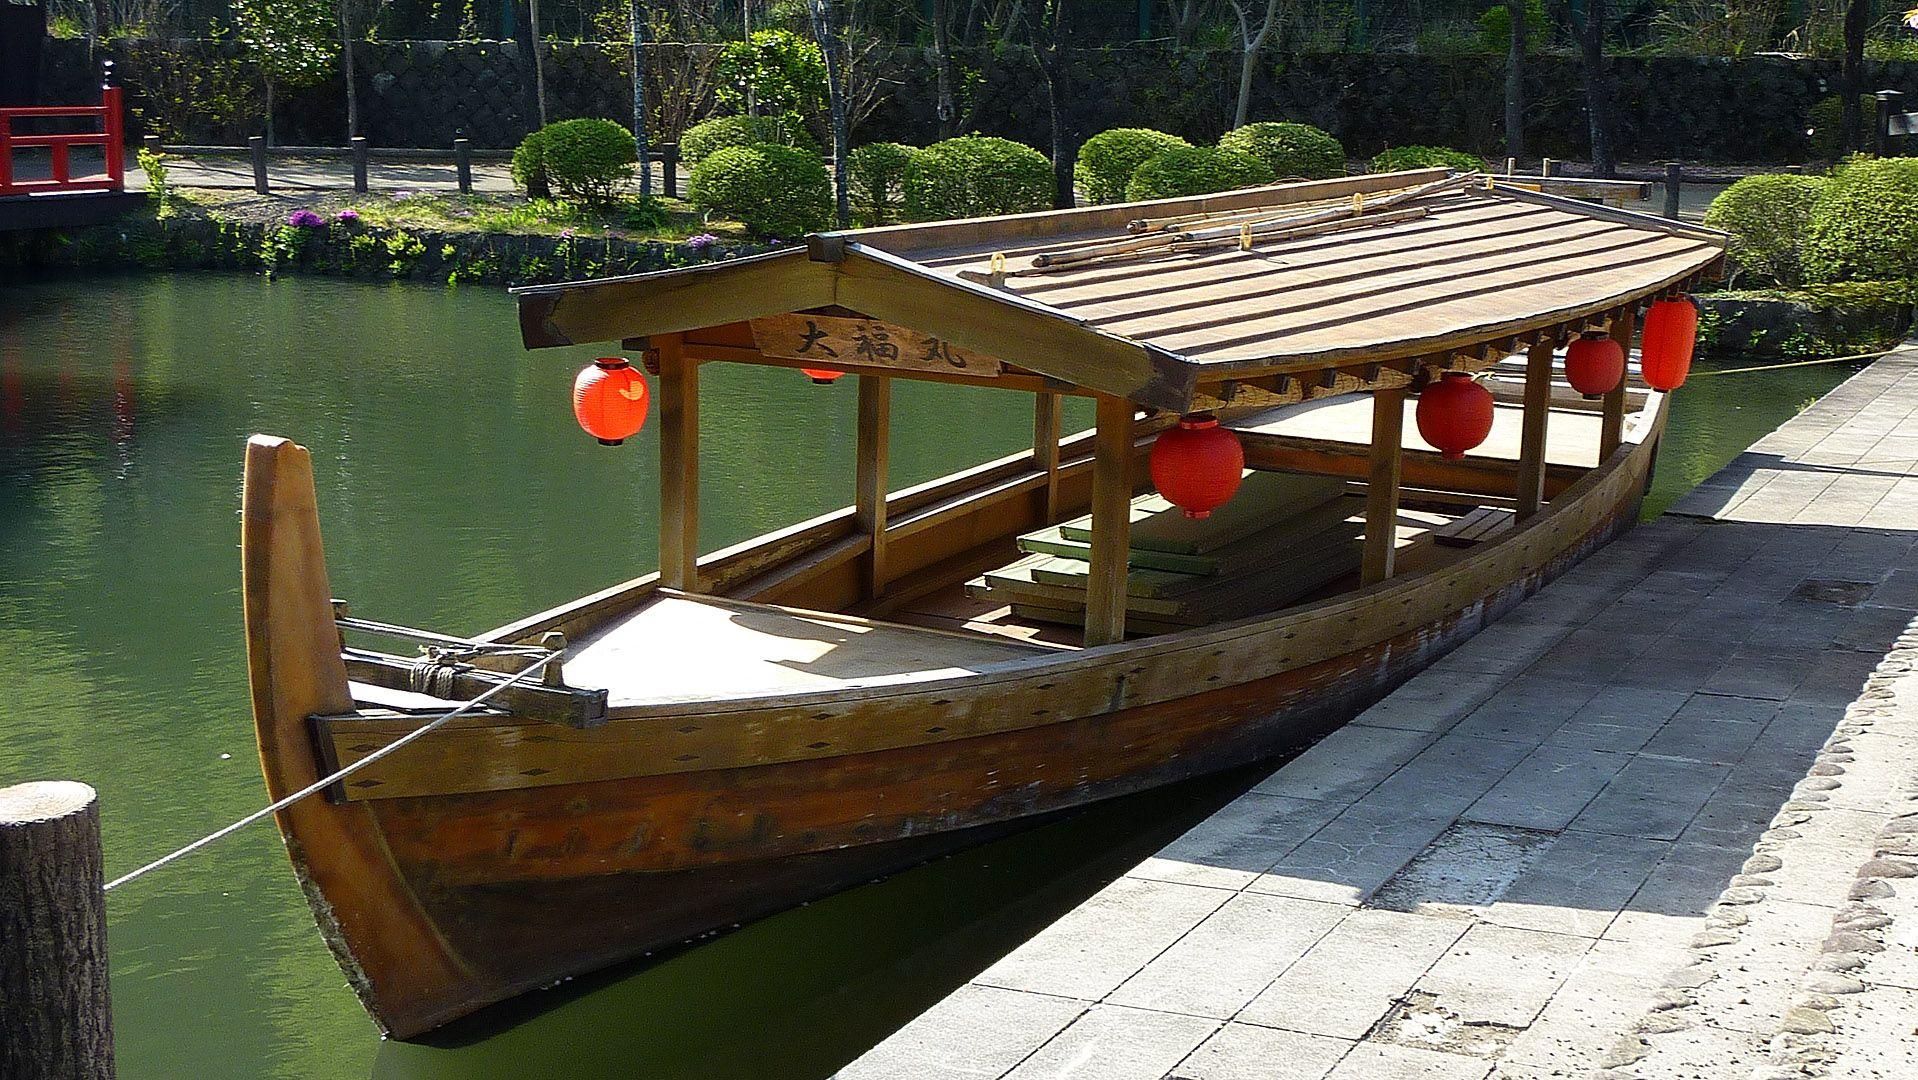 активность прогулках, картинки японской лодки помощью